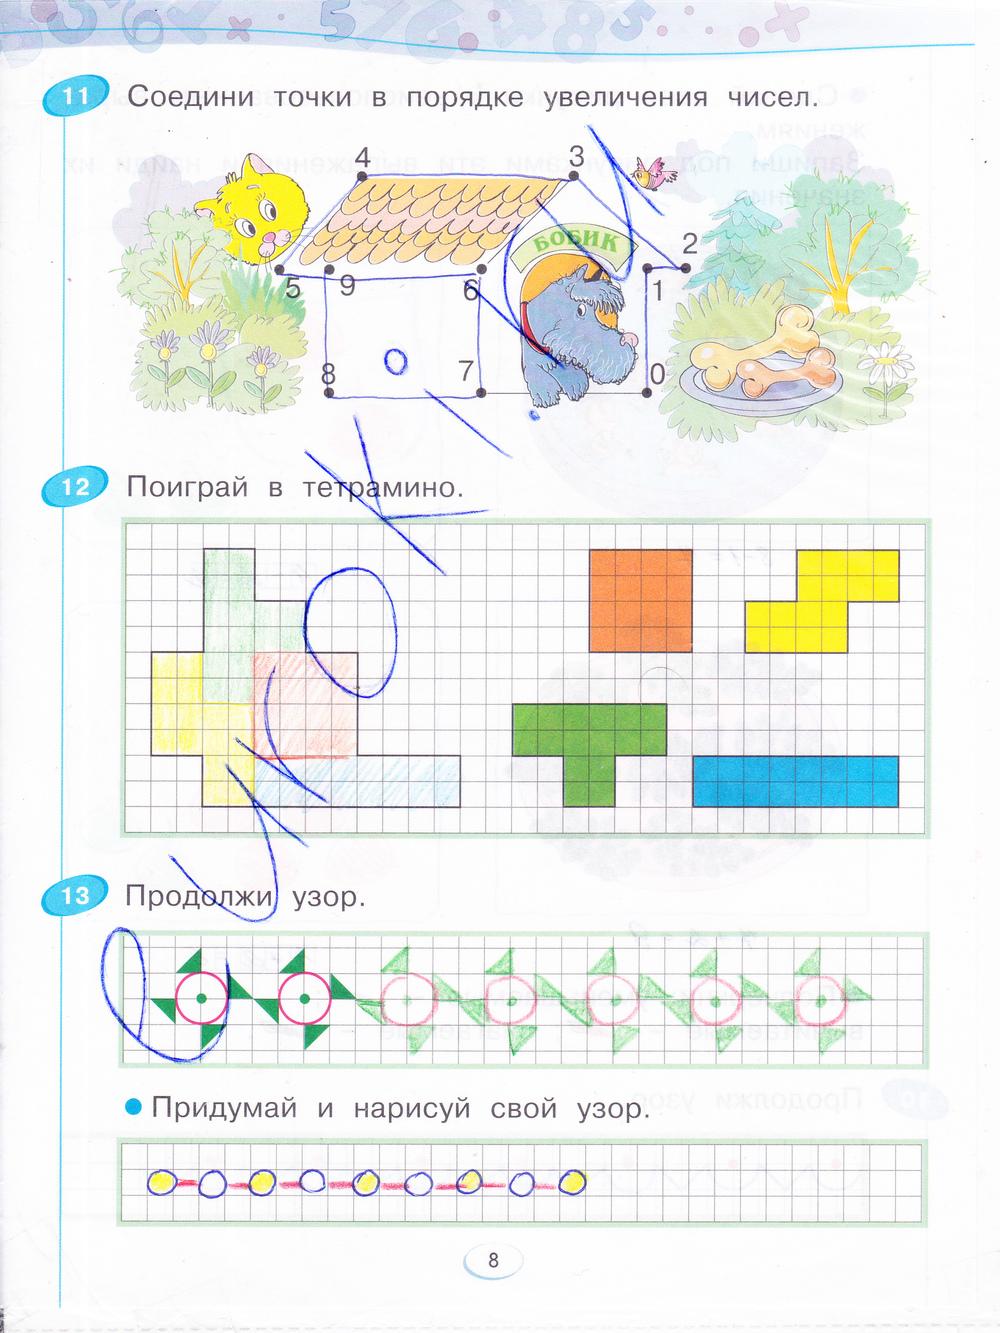 решебник по математике 1 класса бененсон итина часть 2